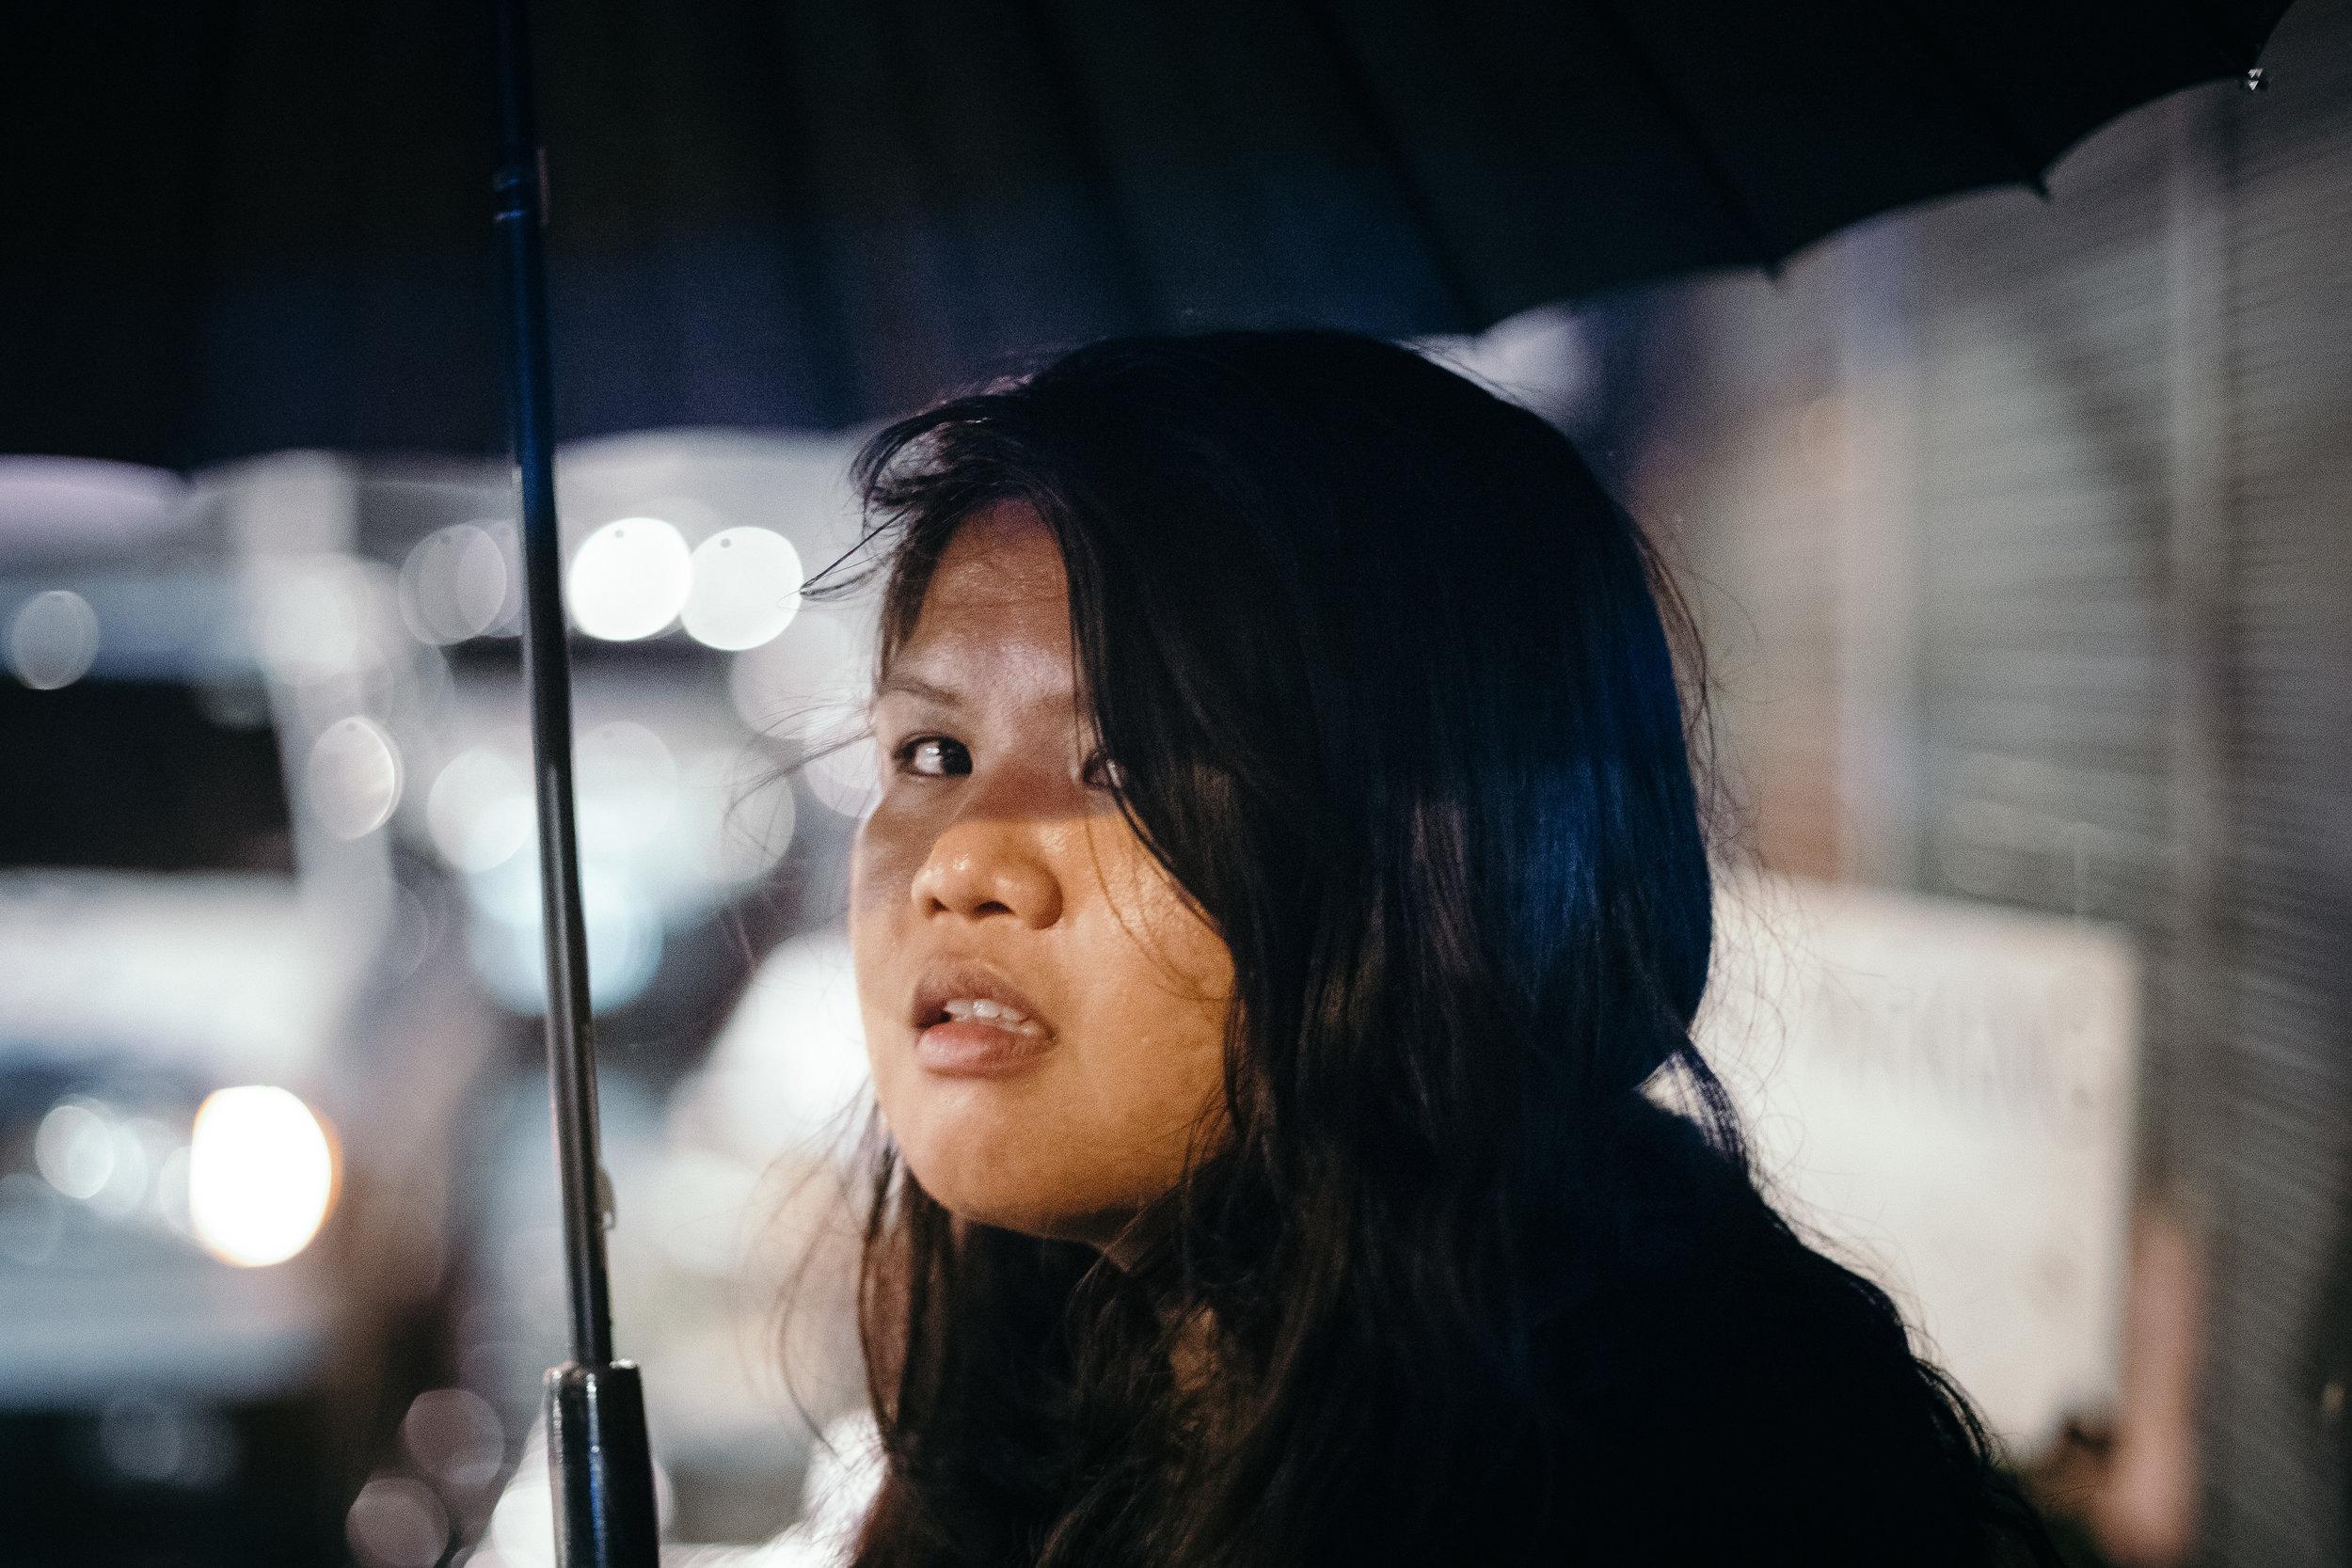 photo by Jilson Tiu